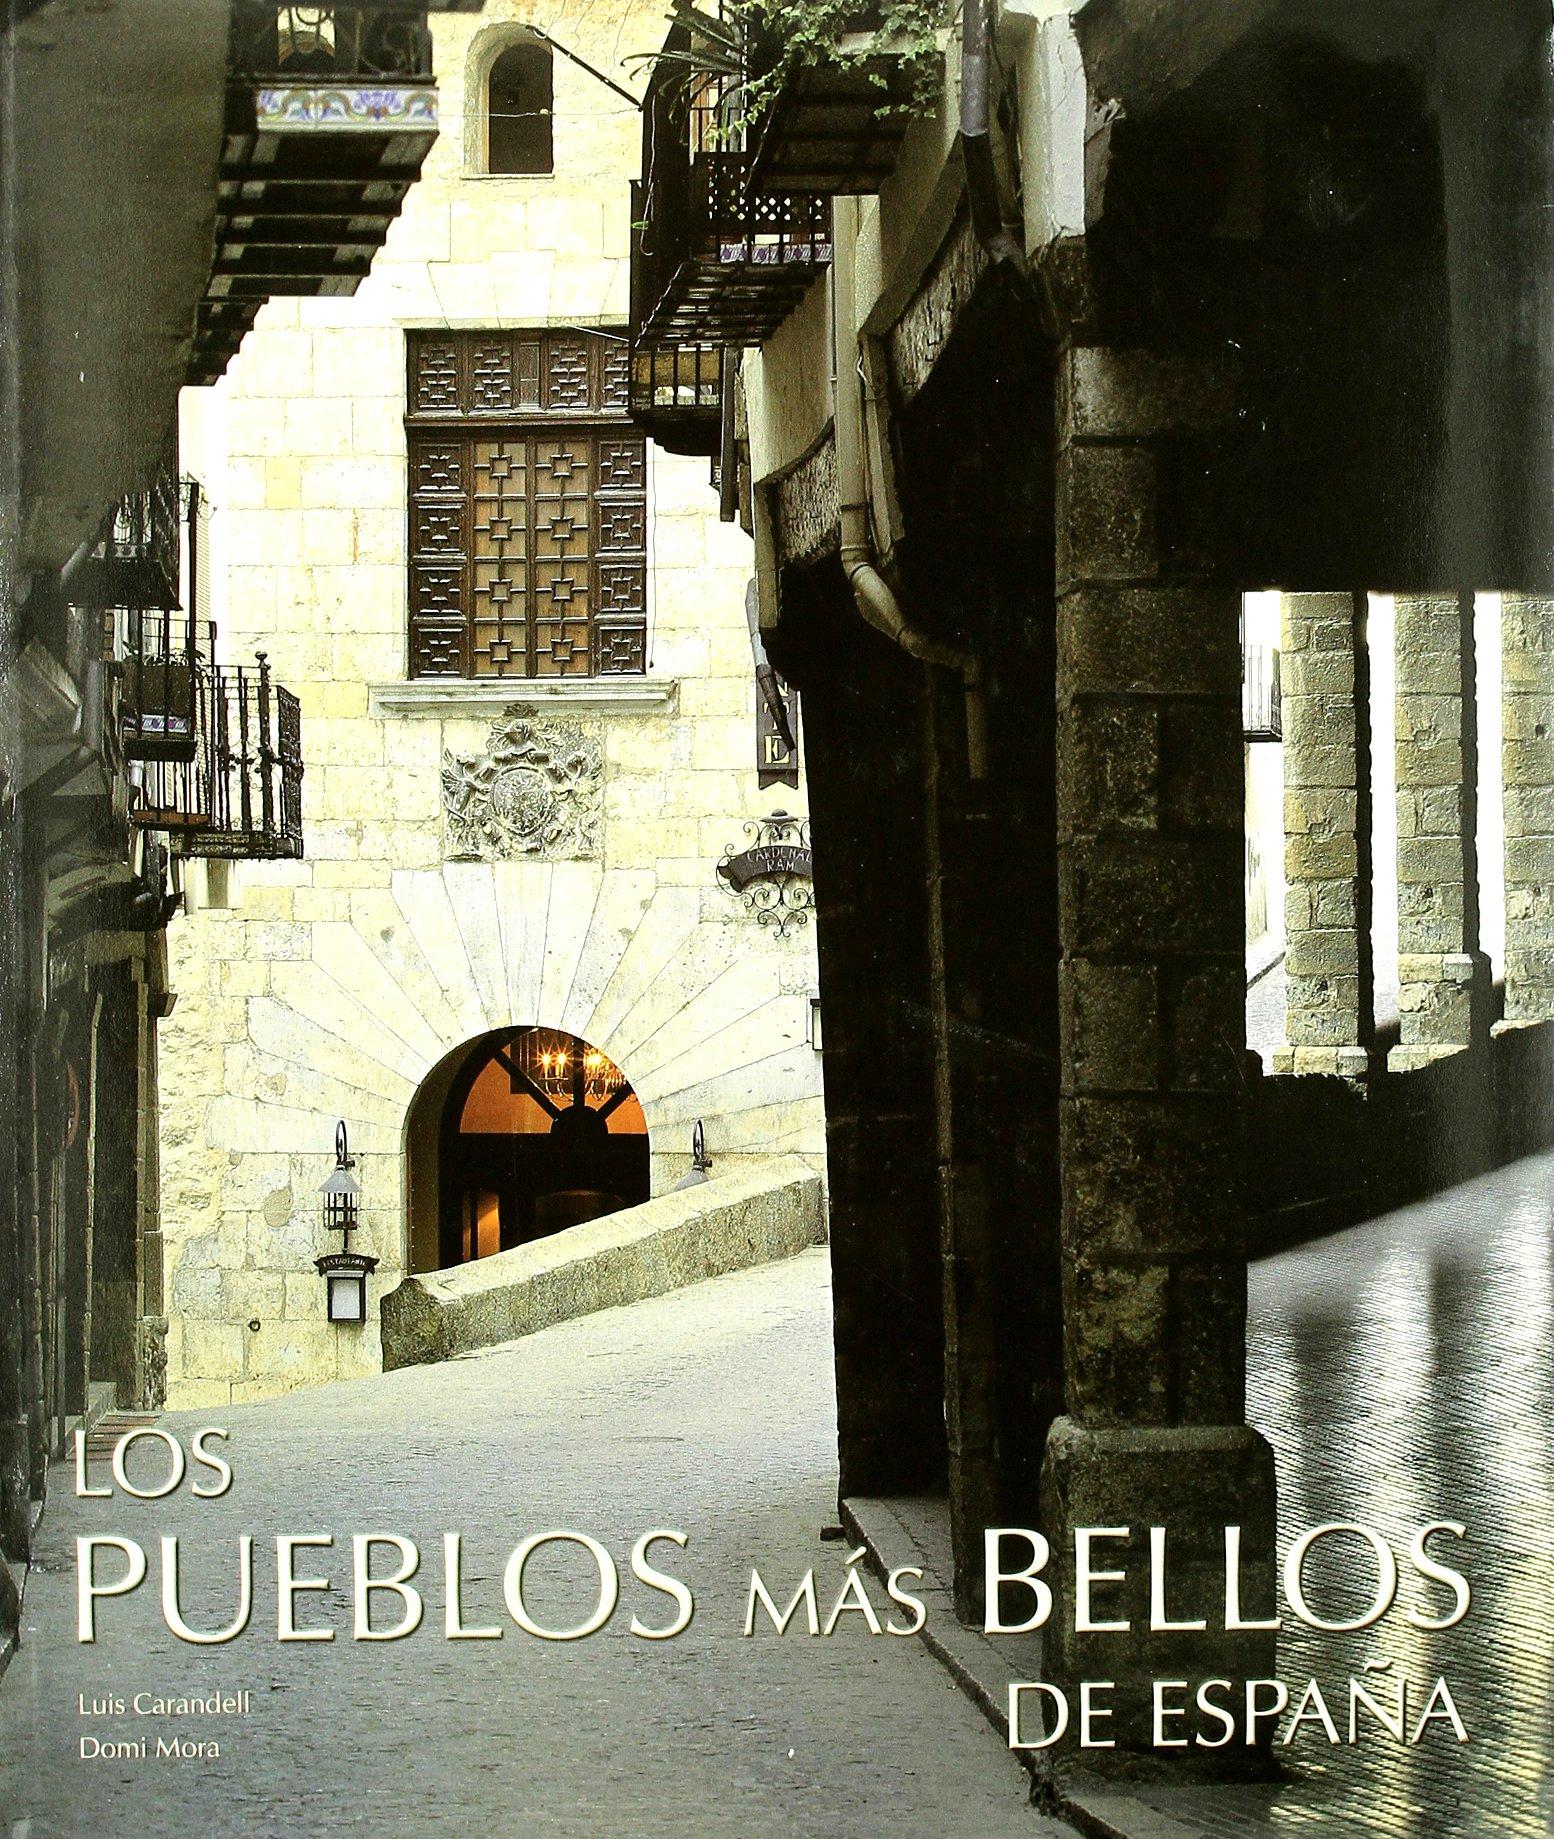 Los pueblos más bellos de España (General): Amazon.es: Carandell, Luis: Libros